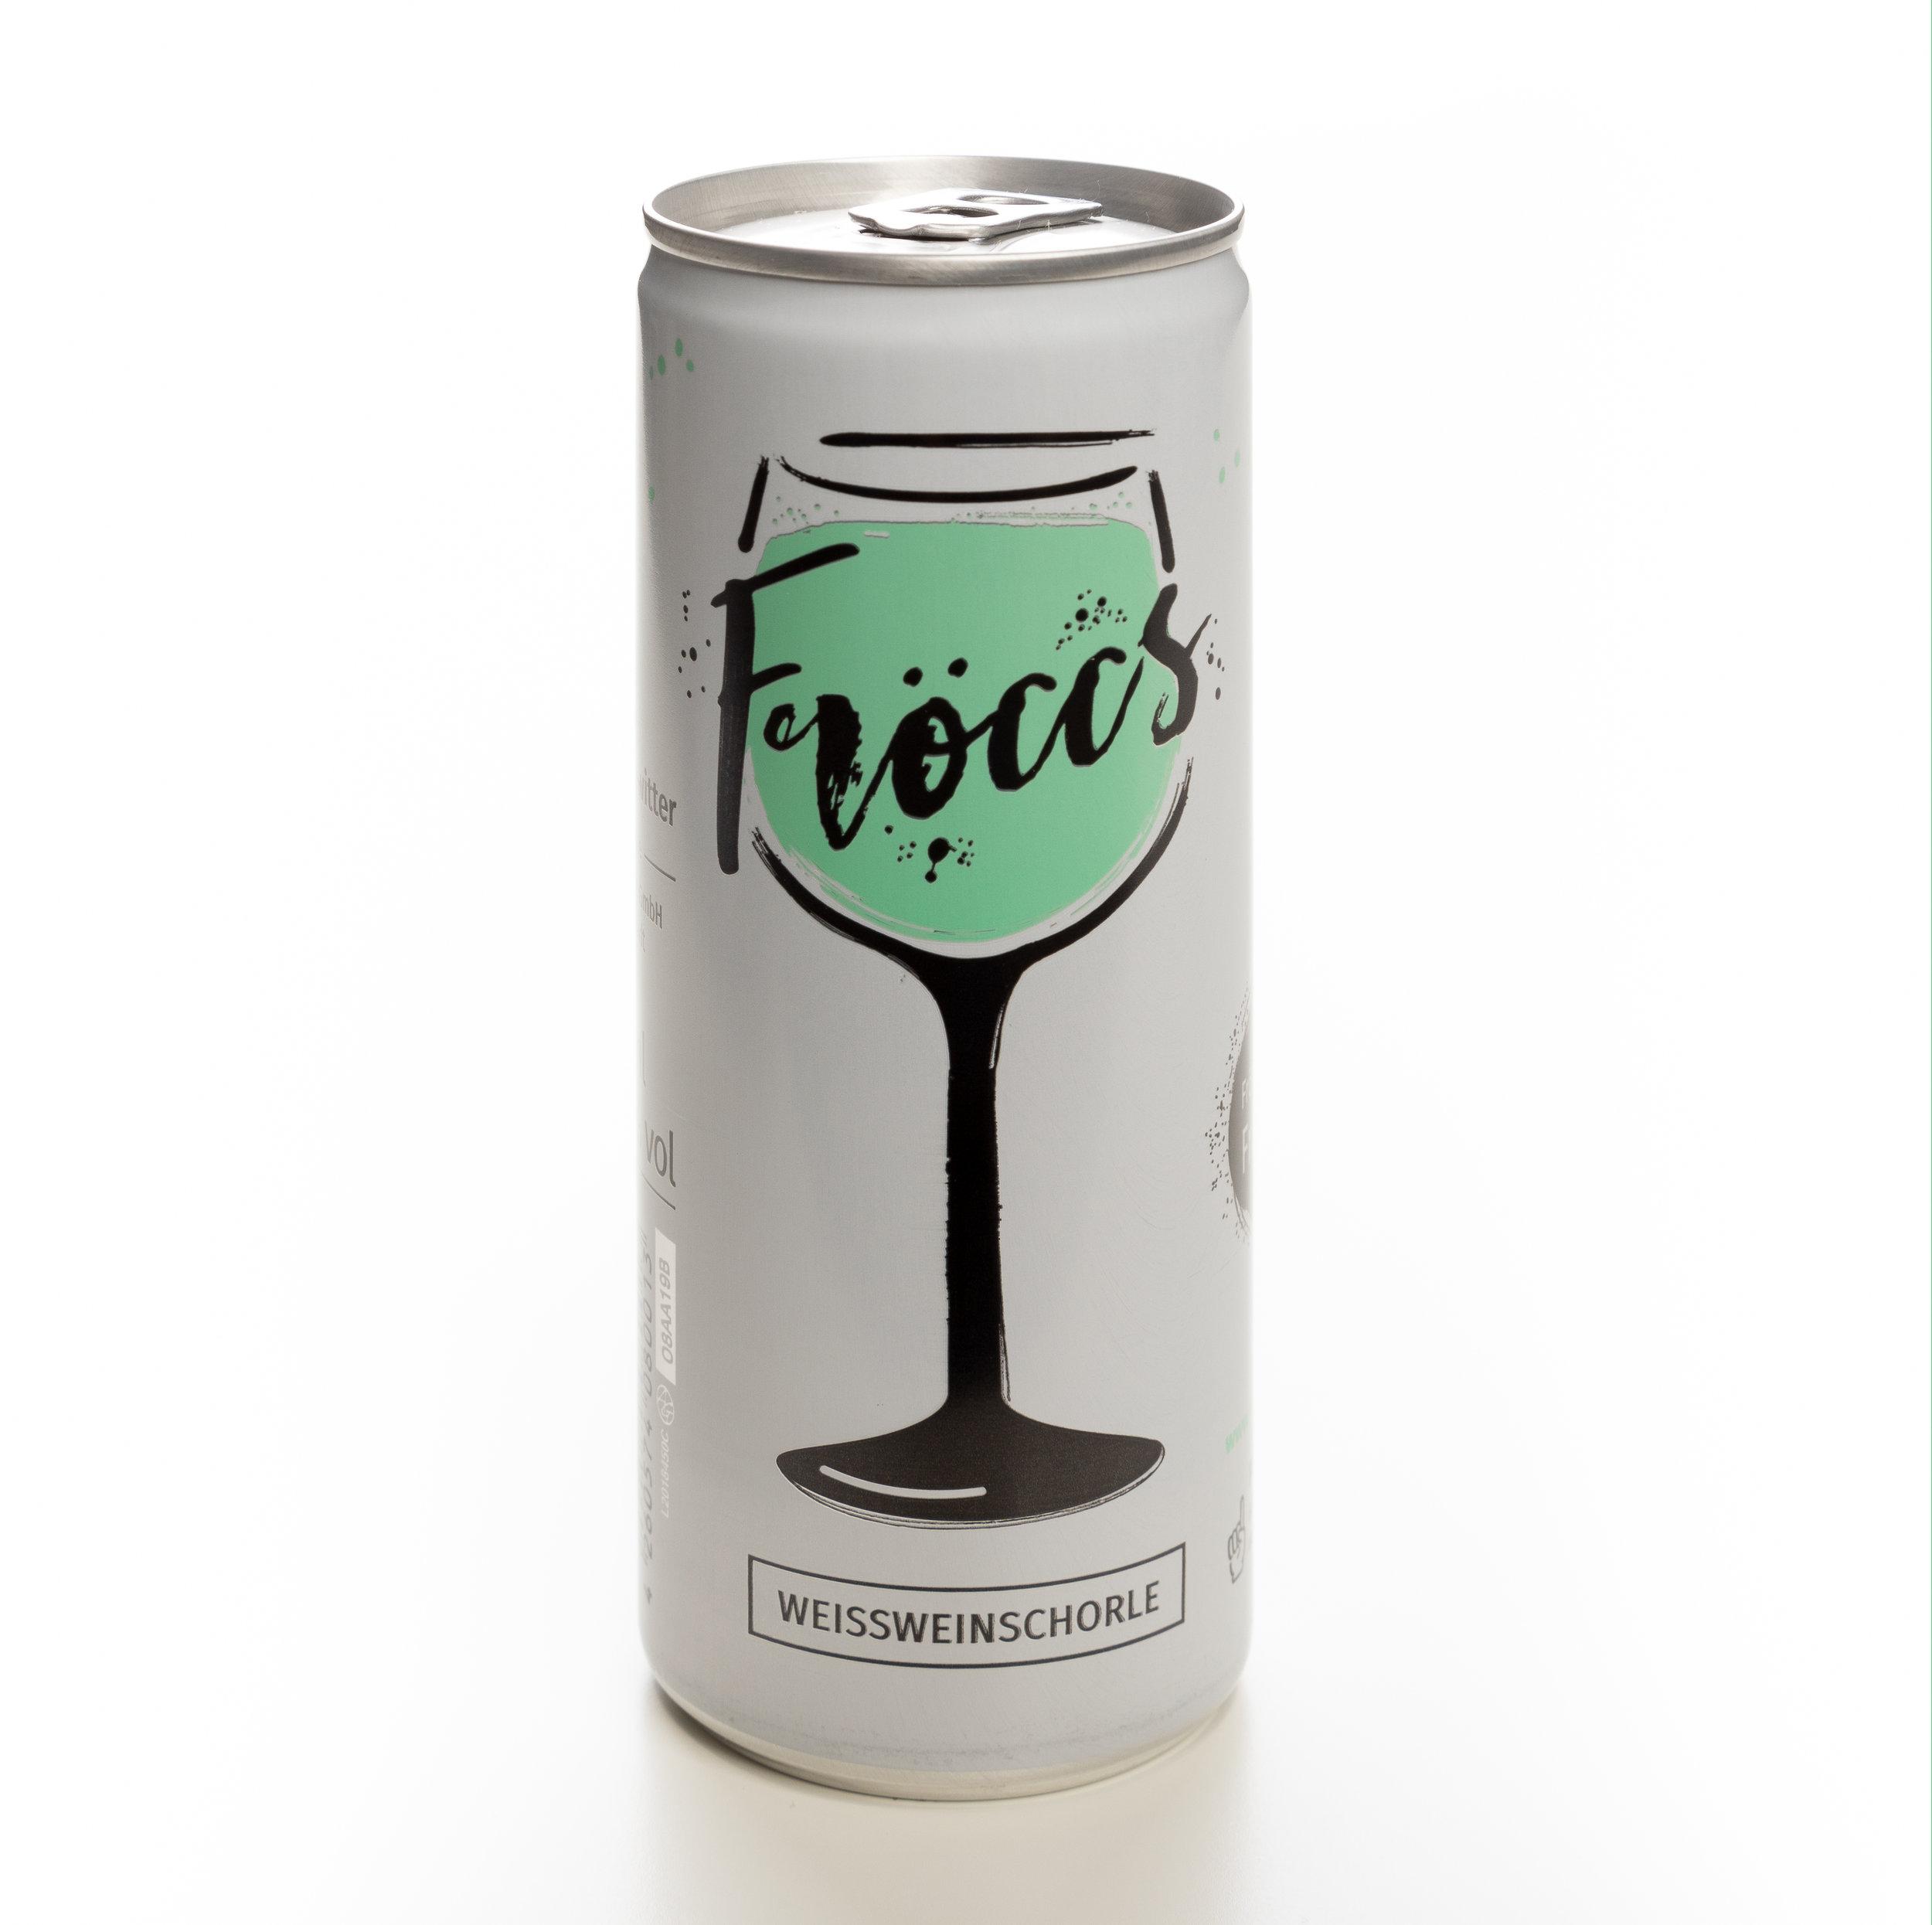 WM100 - FRÖCCS WEINSCHORLE 0,25l - Trockener Weißwein & Wasser (mit Kohlensäure) im Verhältnis von 60% Wein zu 40% Wasser. Alc. 6,5% vol. Pfandfrei da vollständig recycelbar. Preis p. Liter 9,96€Preis pro Dose 2,49 €WM100Preis 4er Pack 8,90 €WM100a